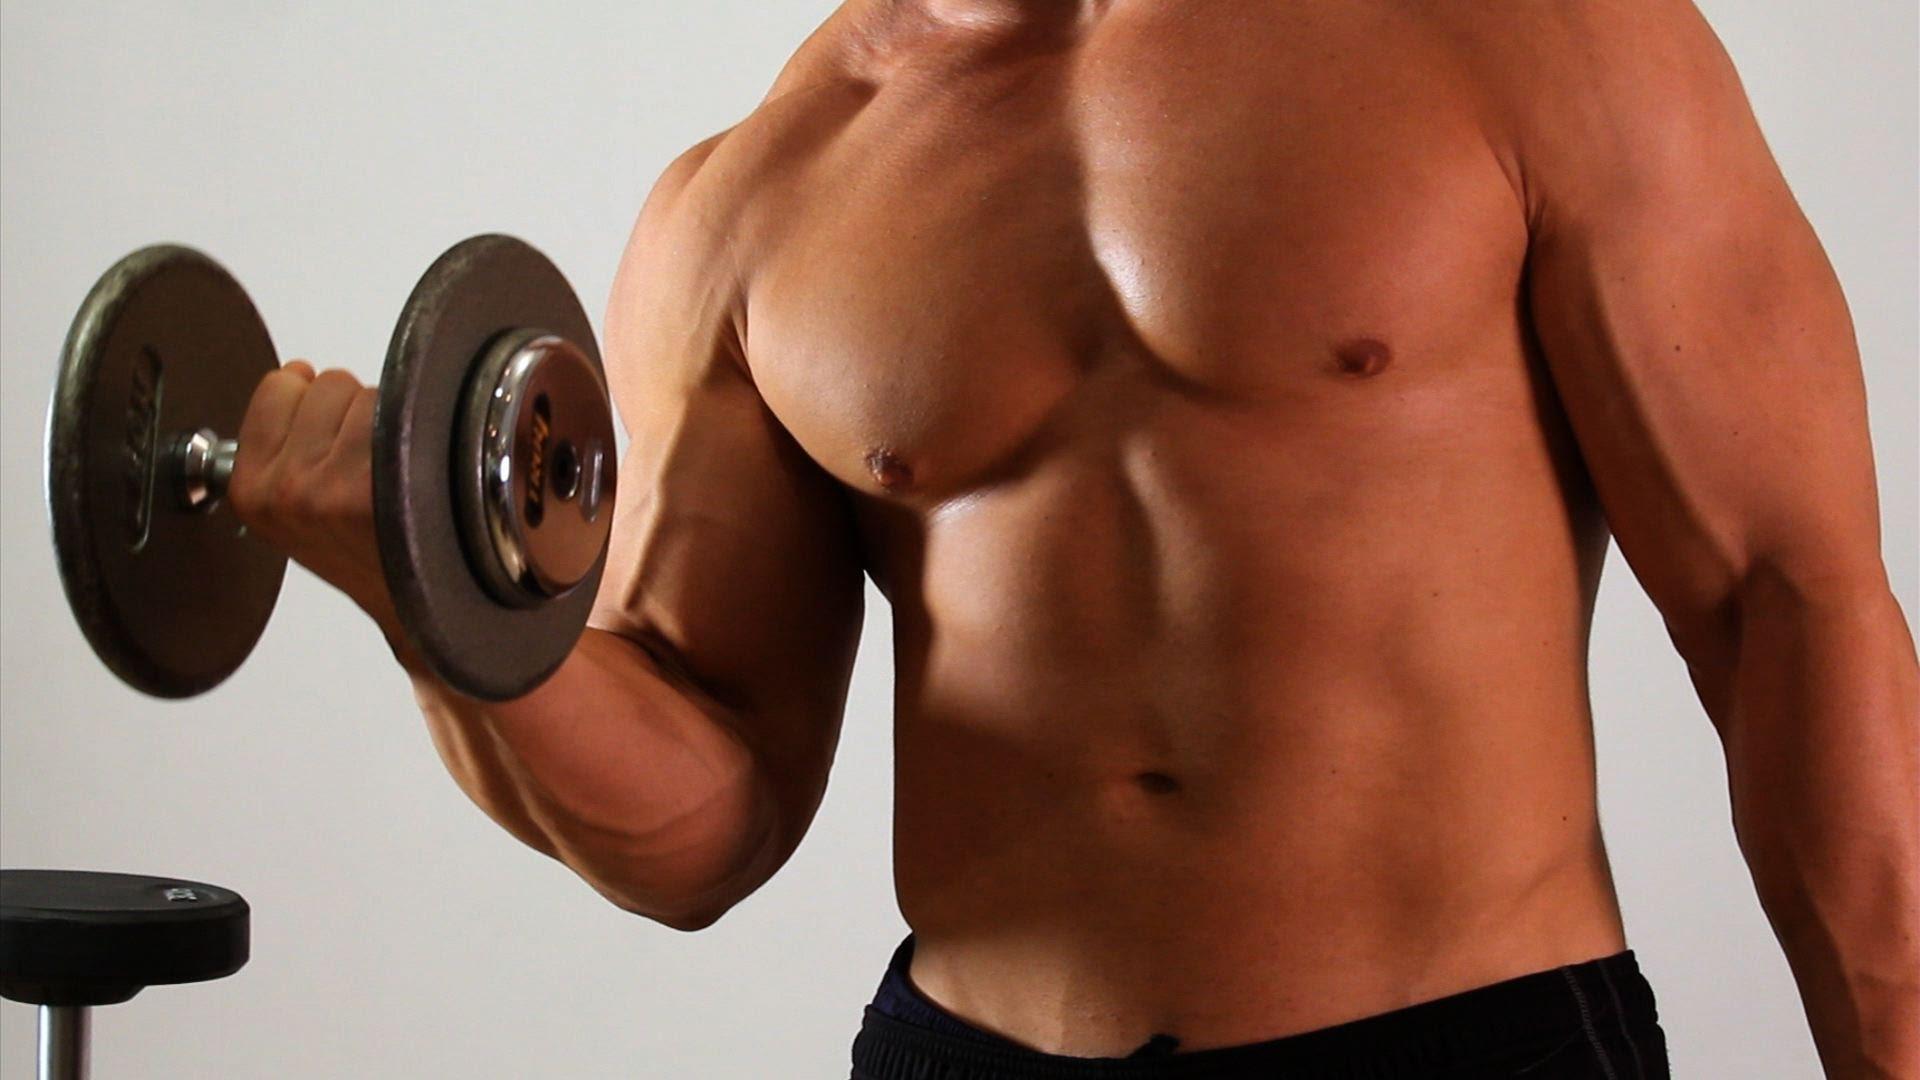 صورة تمارين لتقوية الاعصاب والعضلات , تعرف على افضل تمارين لتقوية الاعصاب والعضلات